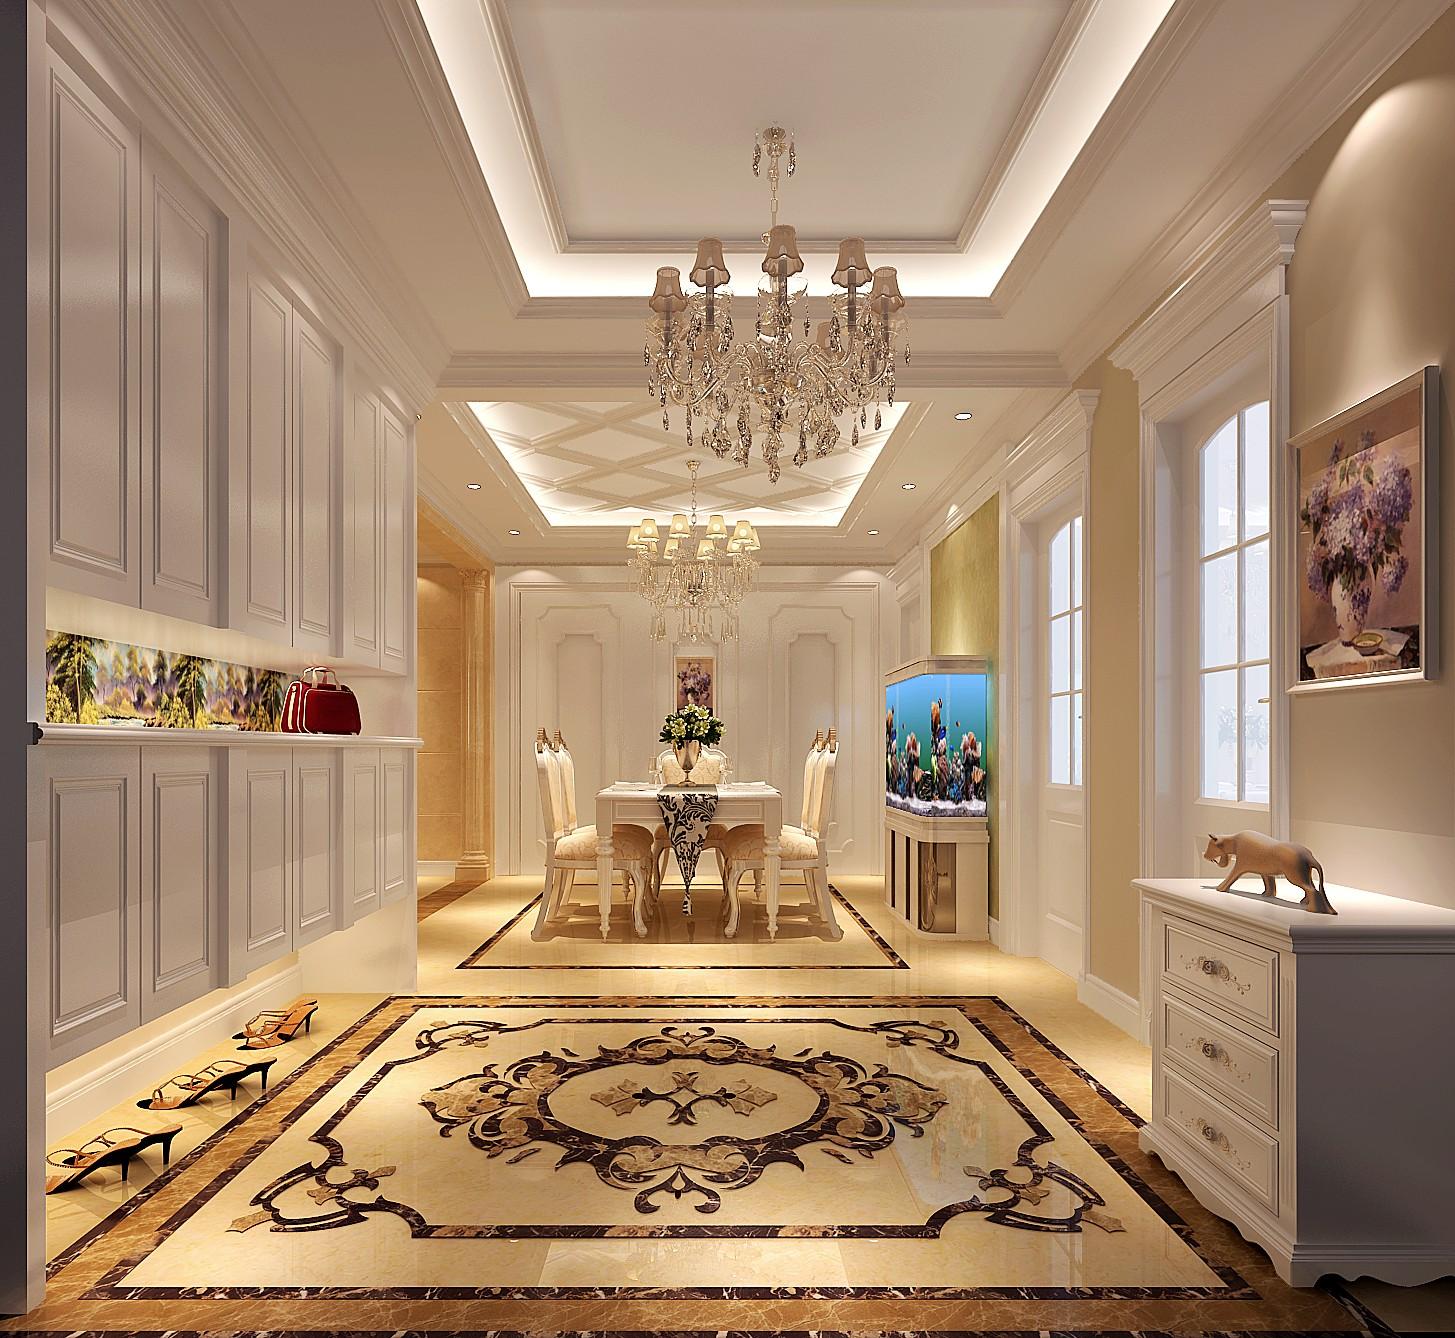 欧式 三居 餐厅图片来自高度国际装饰设计集团凌军在中景未山赋130平米欧式风格的分享